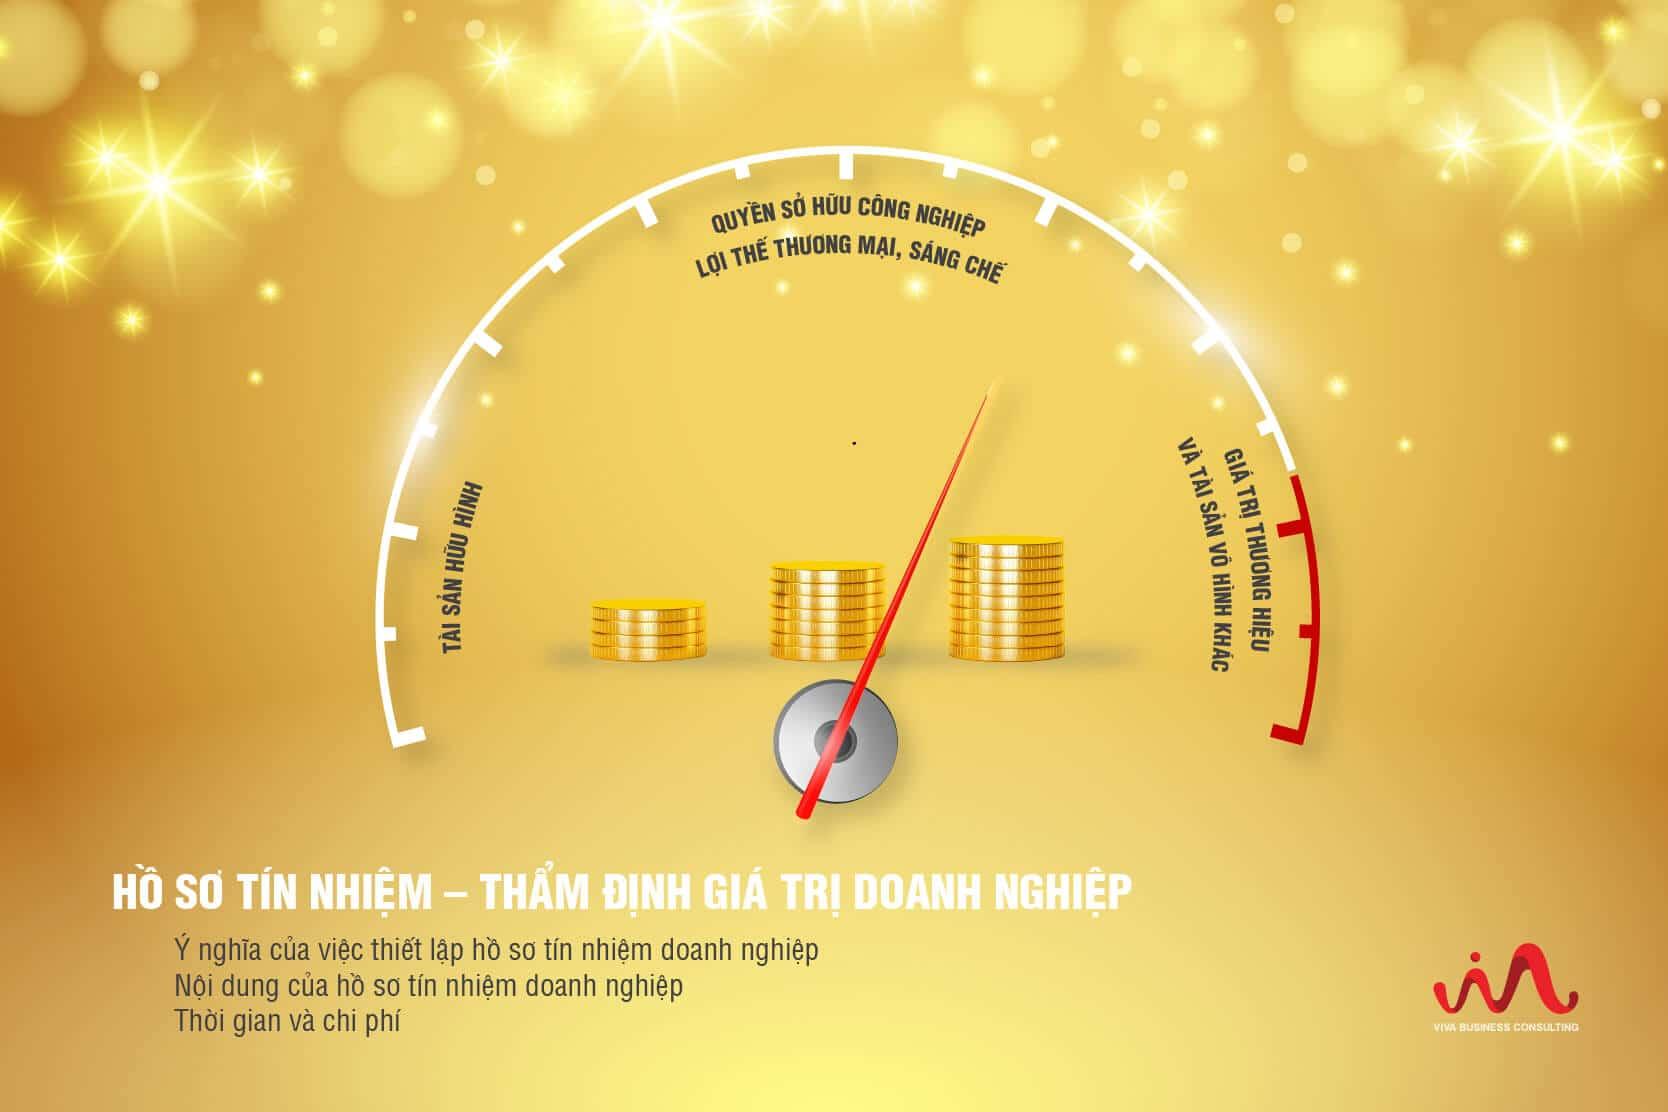 Hồ Sơ Tín Nhiệm Doanh Nghiệp - Commercial Credit Report